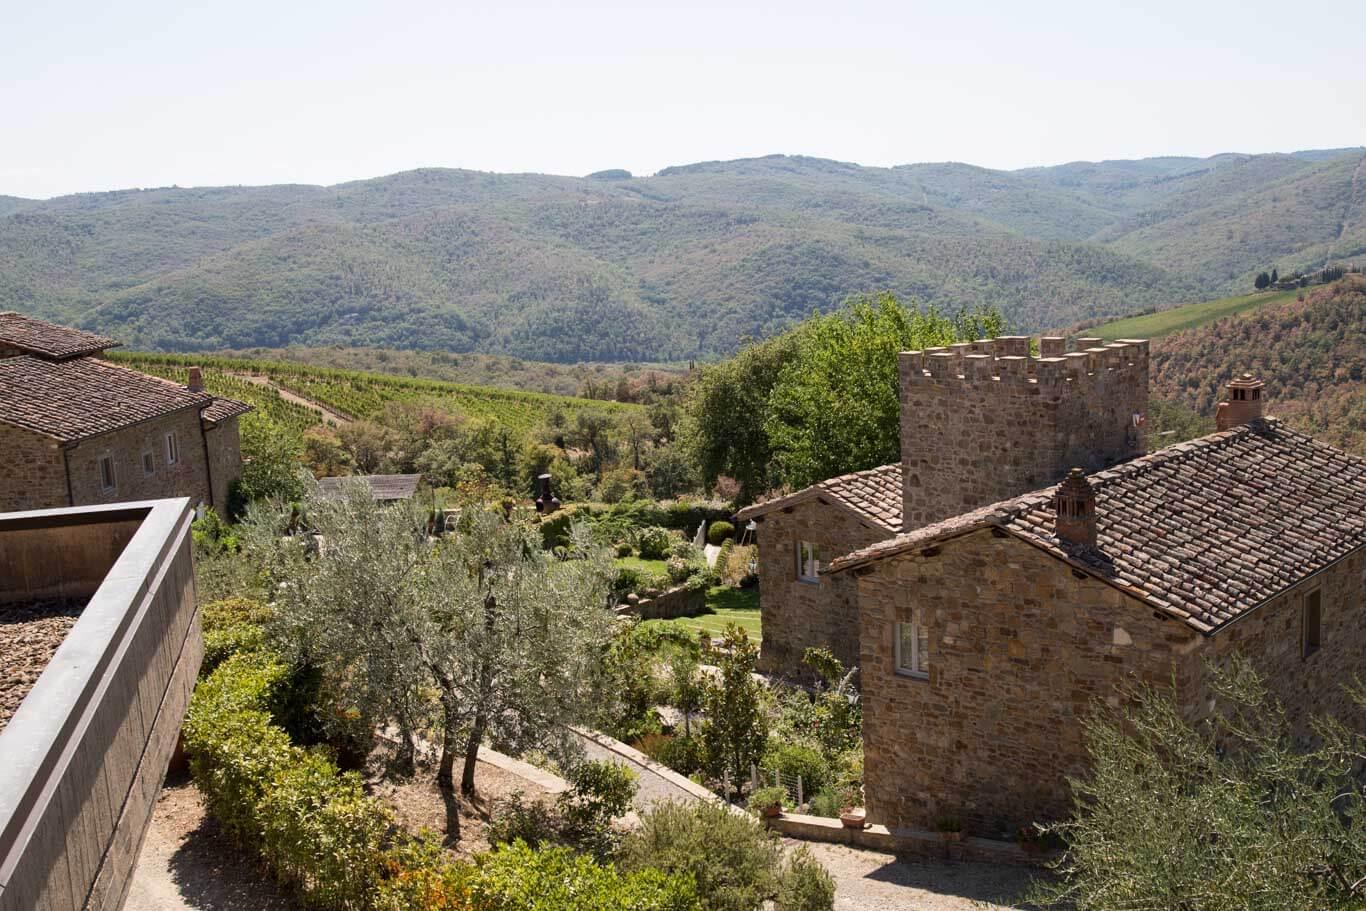 View at Fattoria di Montemaggio